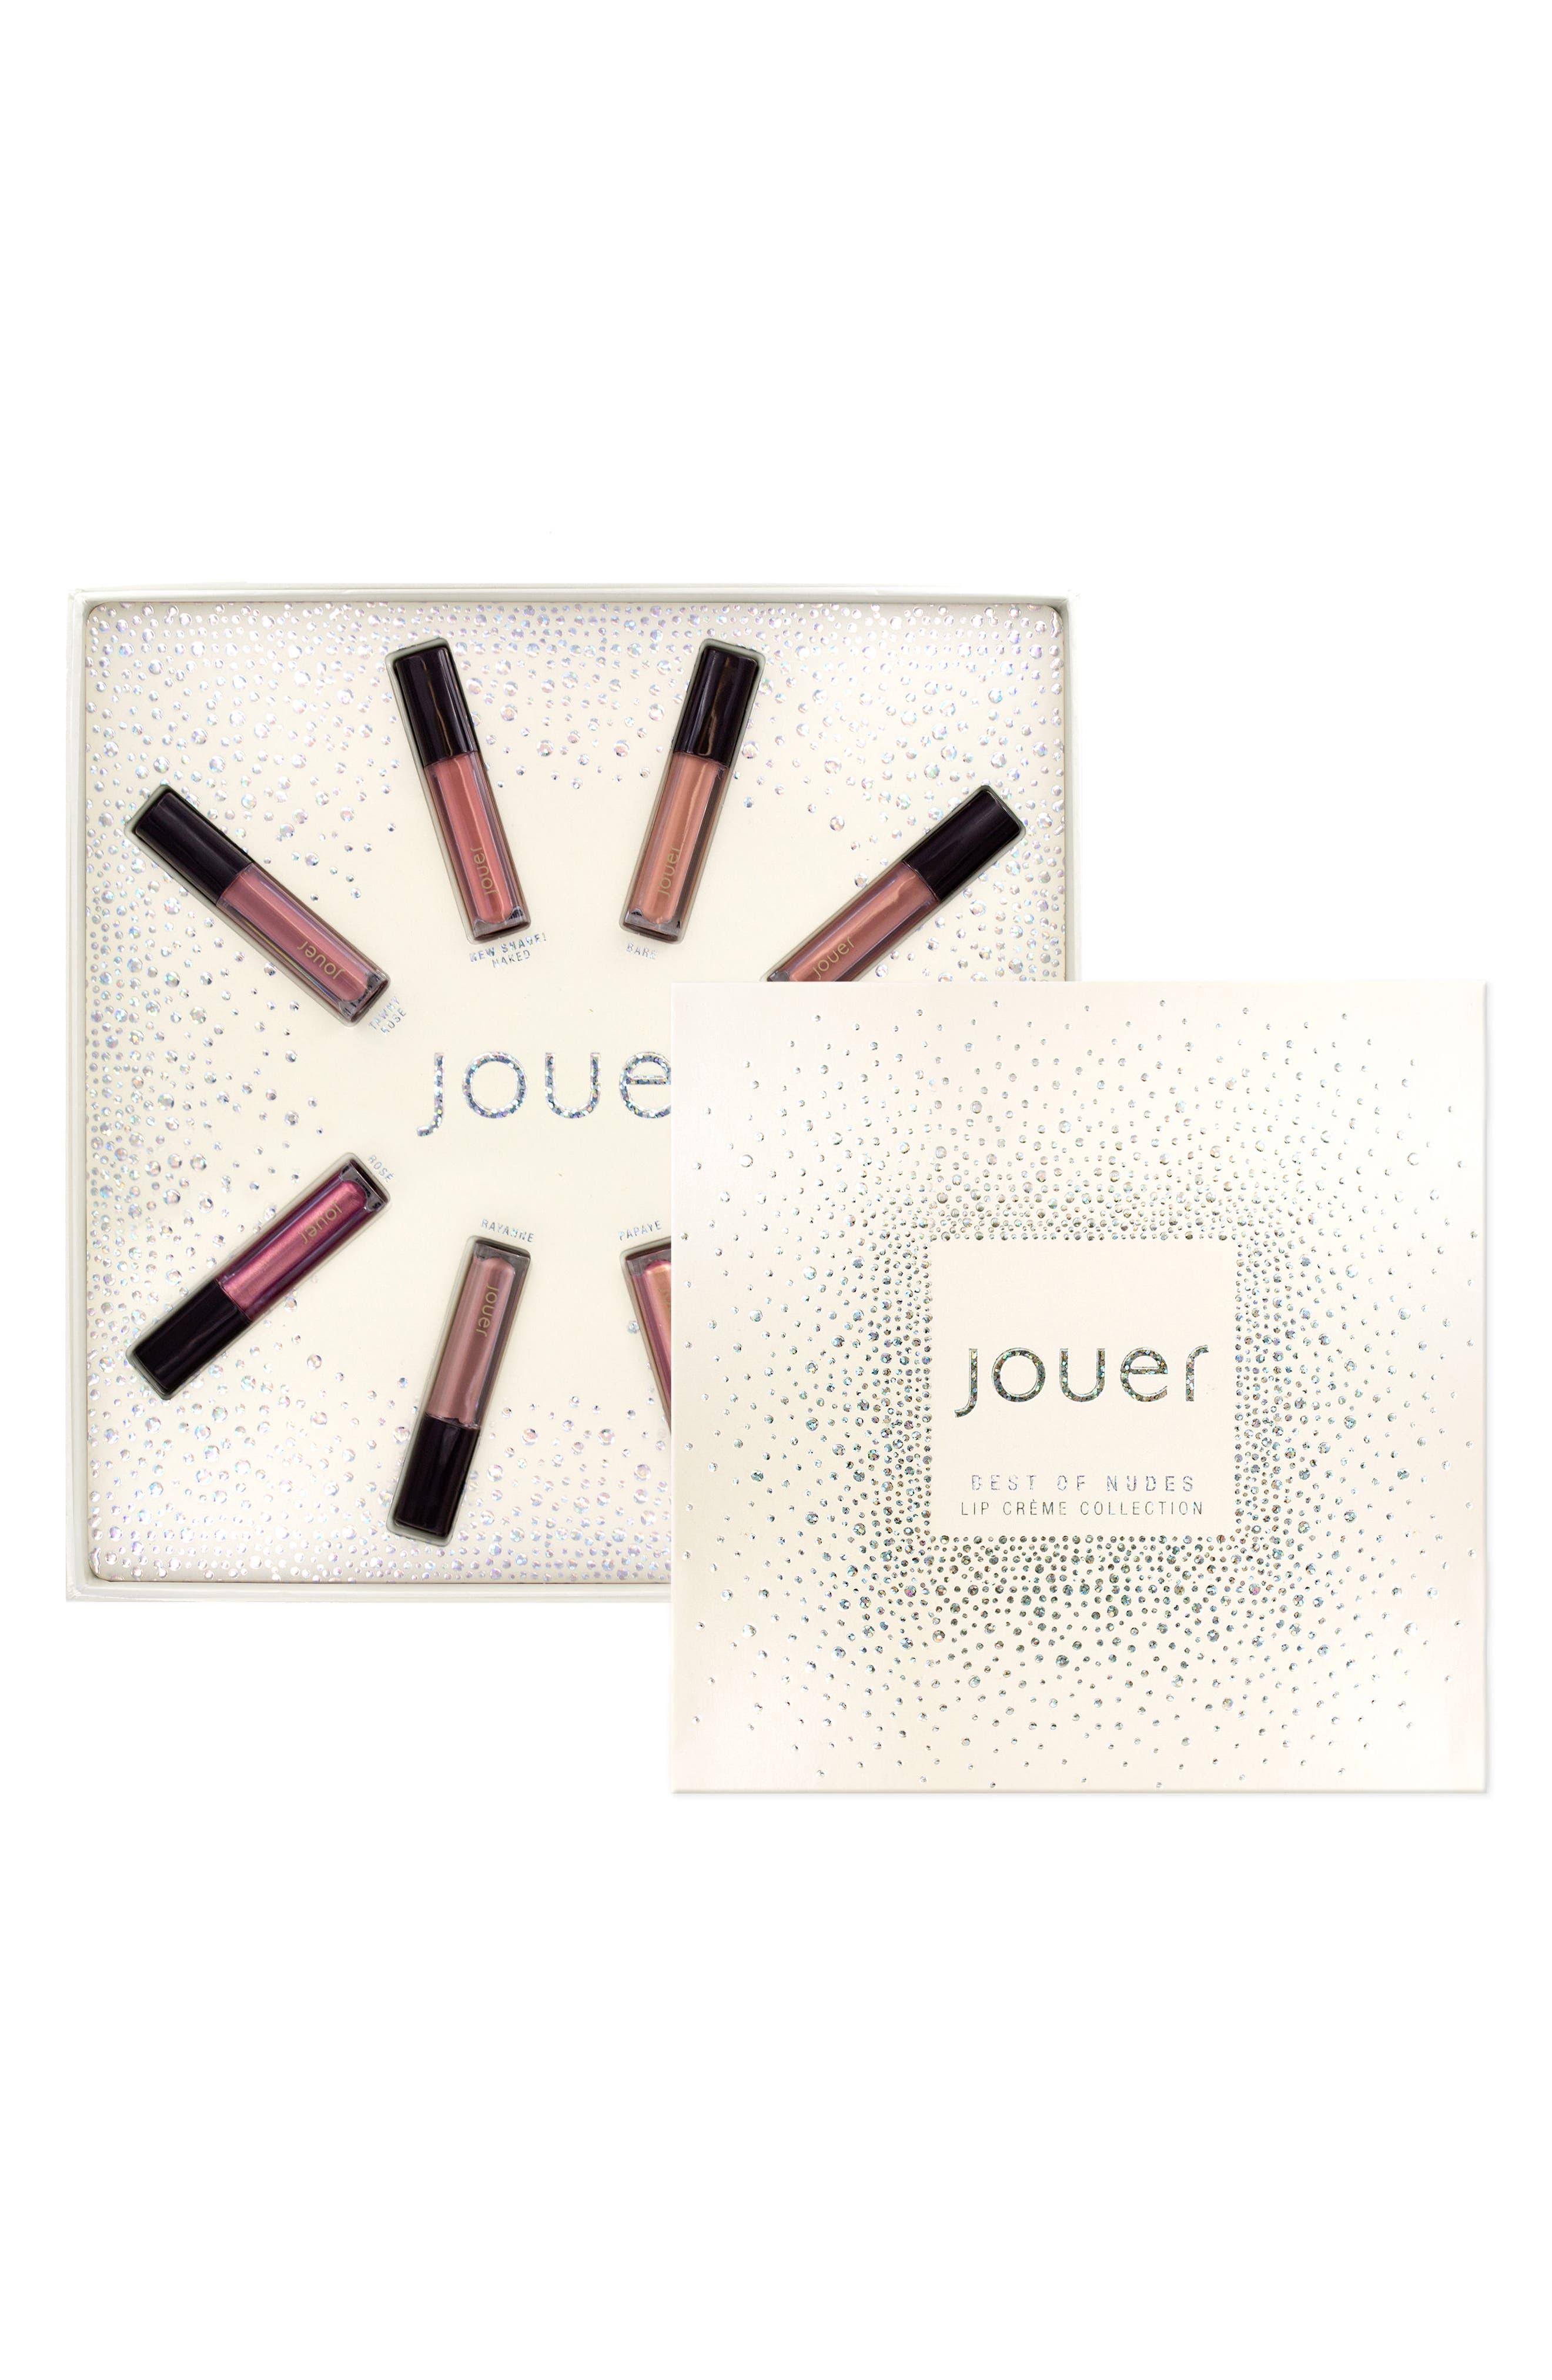 Jouer Best of Nudes Mini Long-Wear Lip Crème Liquid Lipstick Collection ($50 Value)